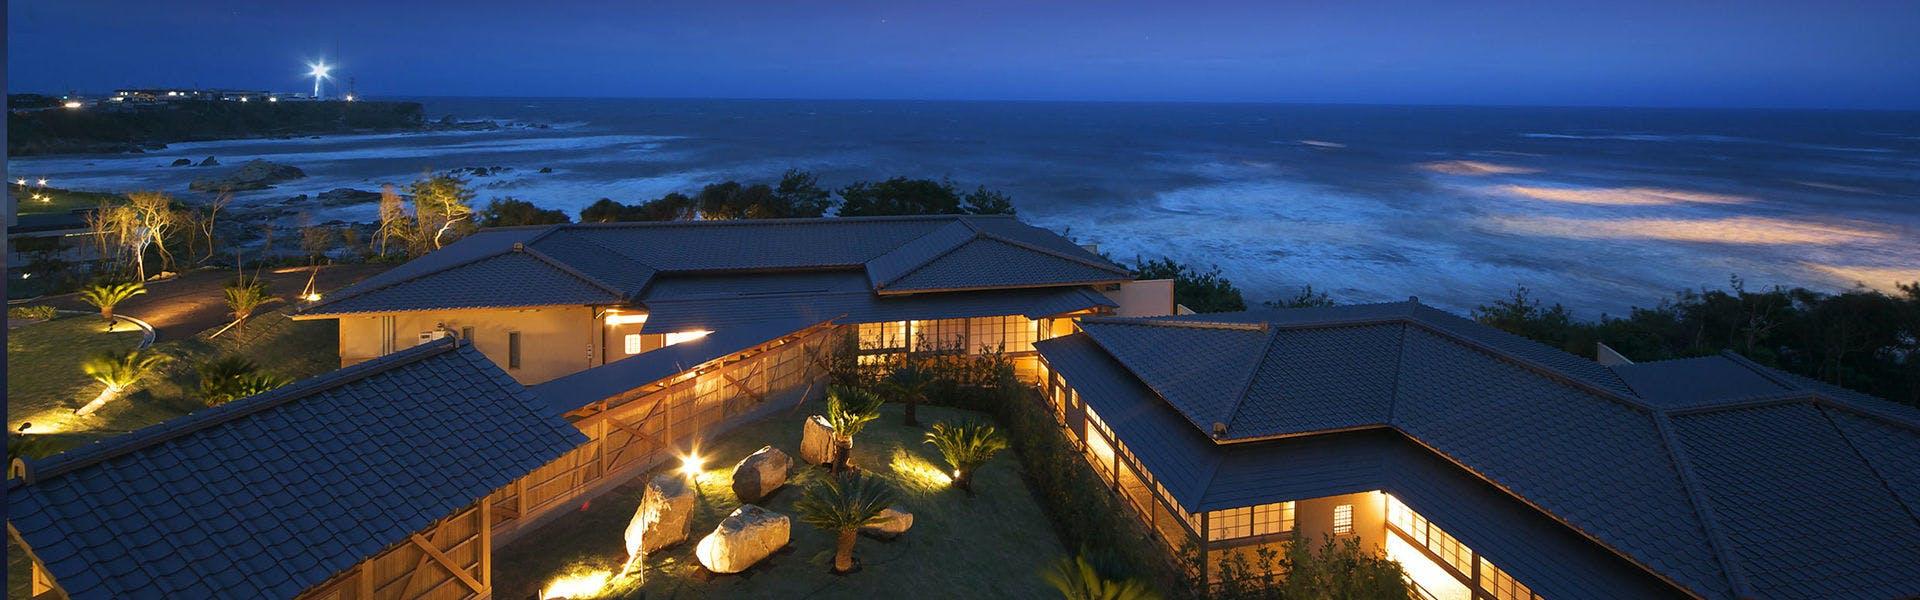 記念日におすすめのホテル・【別邸 海と森】の写真1